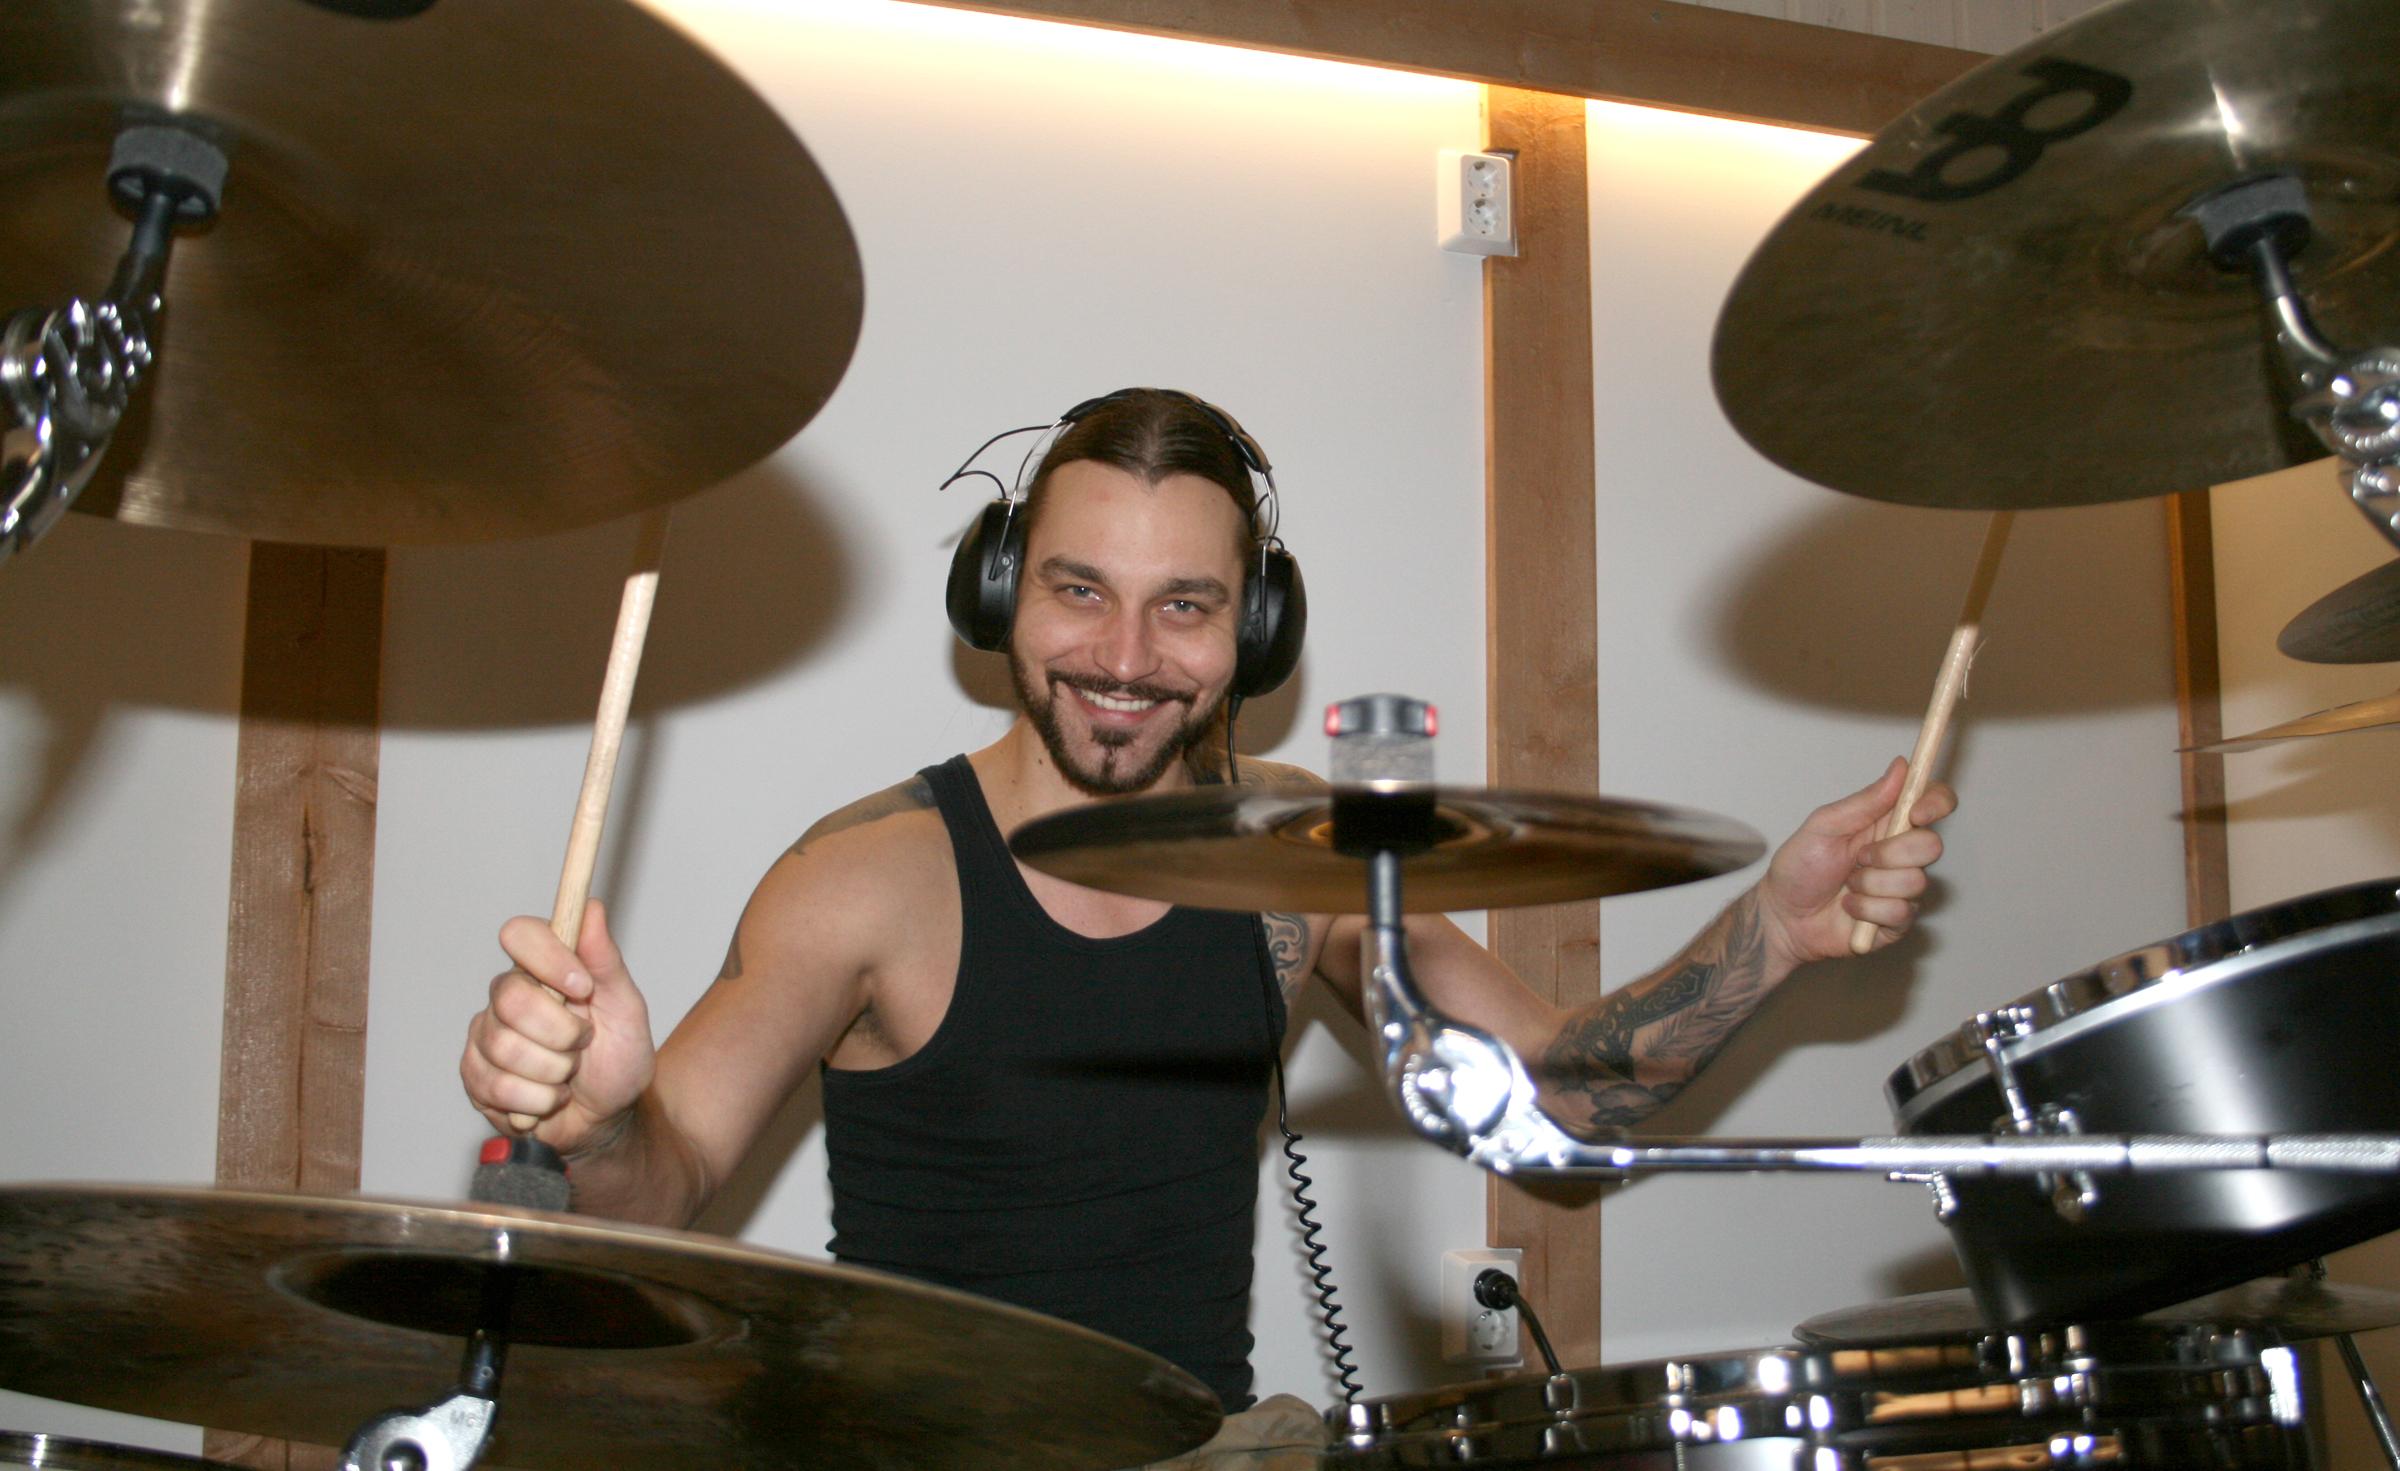 Viialalainen Heikki Ahonen eli Hessu Maxx liittyi Reckless Loven riveihin vuonna 2009. Nykyään rumpali on päivätöissä Kalustetuote Eerolan tuotantopäällikkönä.